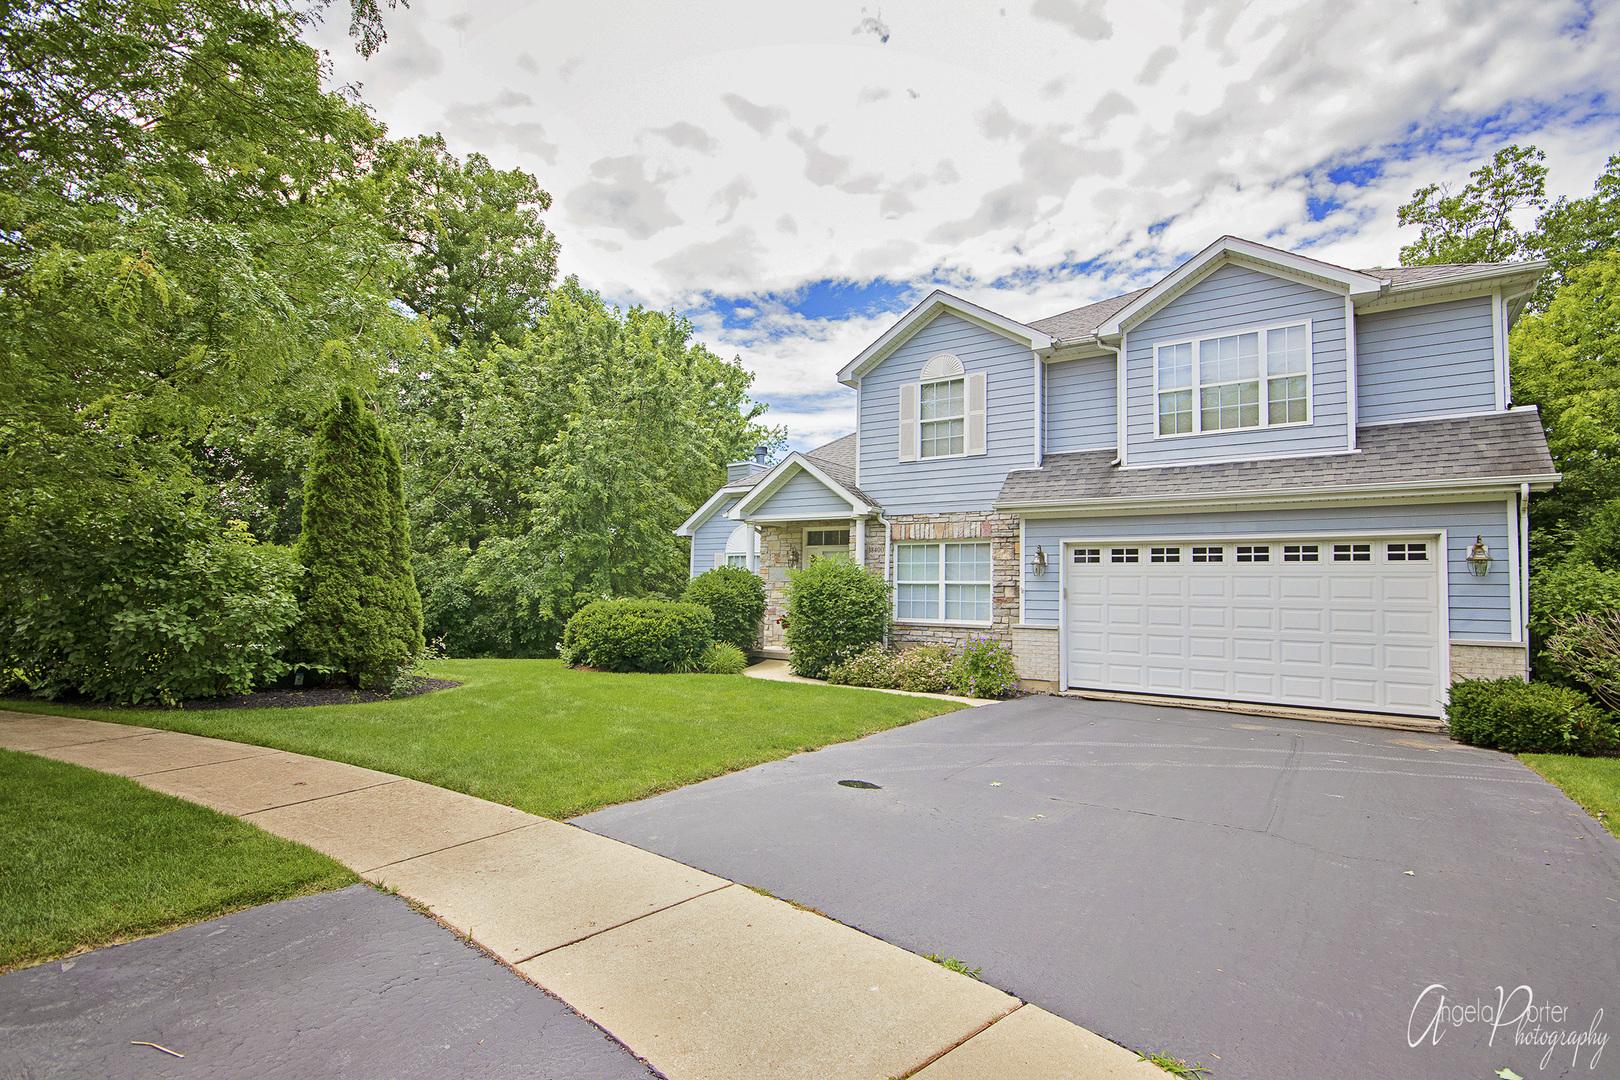 38400 North Hoeglund Street, Lake Villa, Illinois 60046